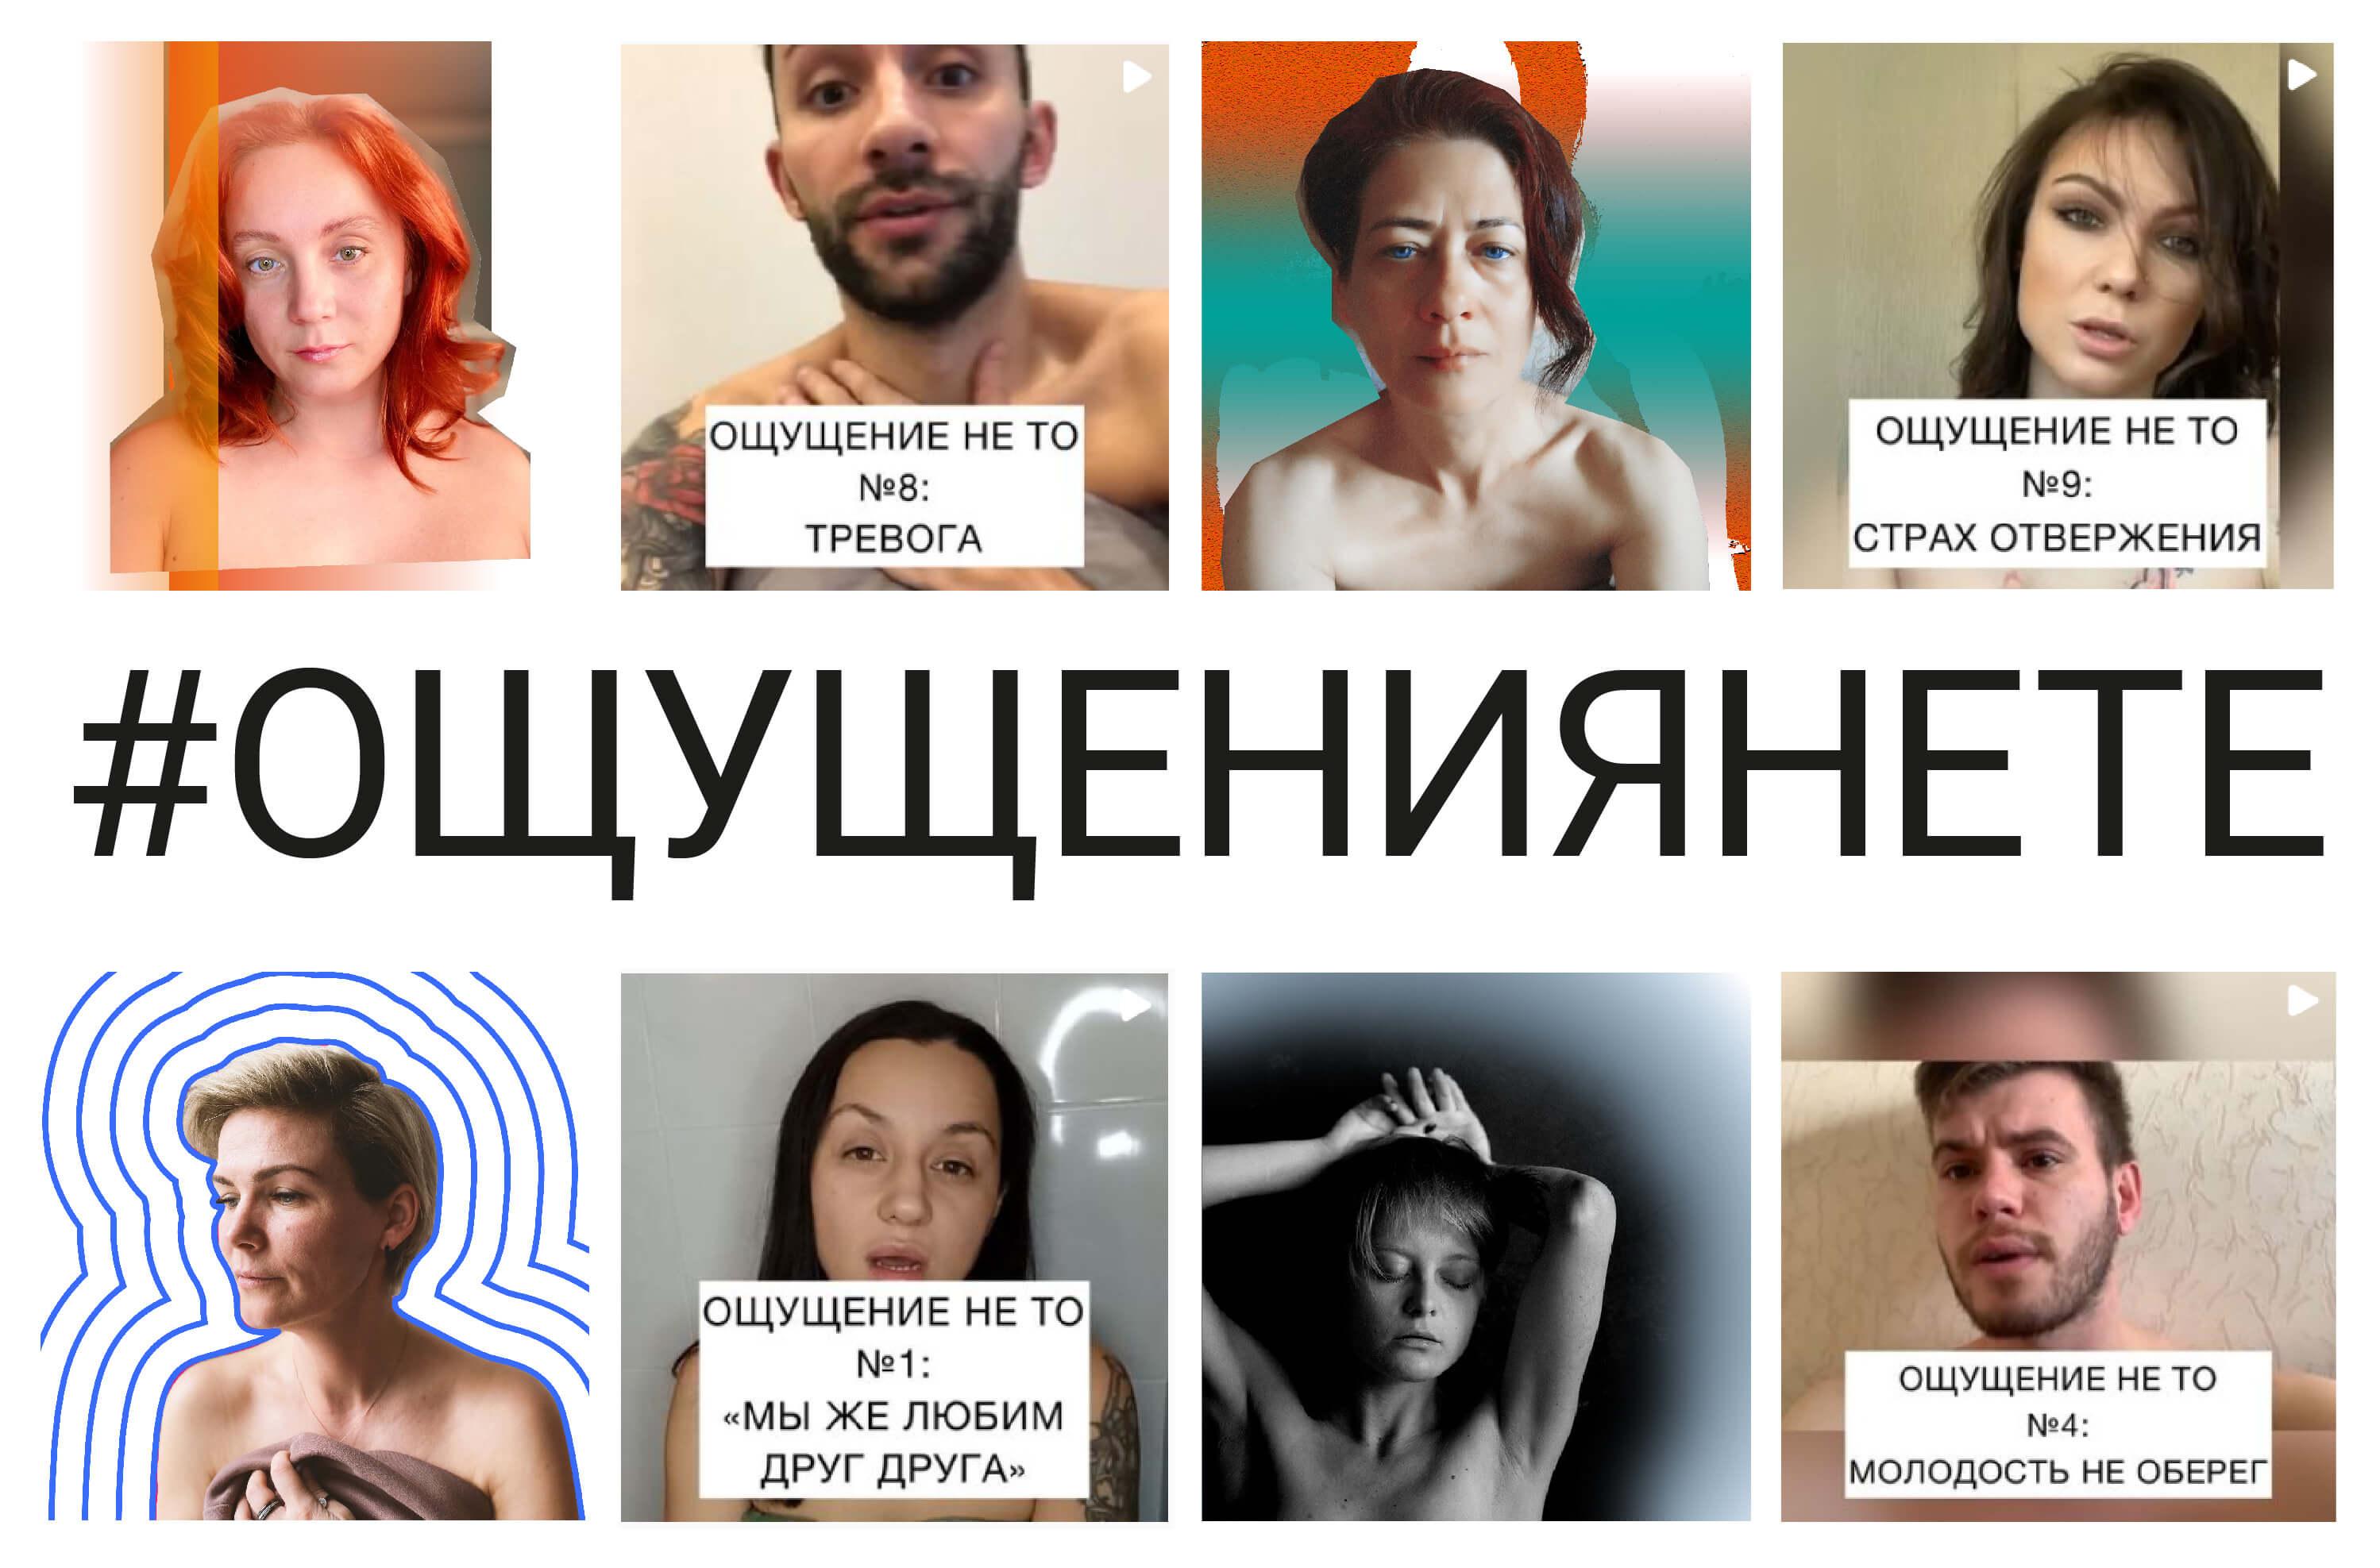 Личные истории о незащищенном сексе в интернет-кампании #Ощущениянете - изображение 1